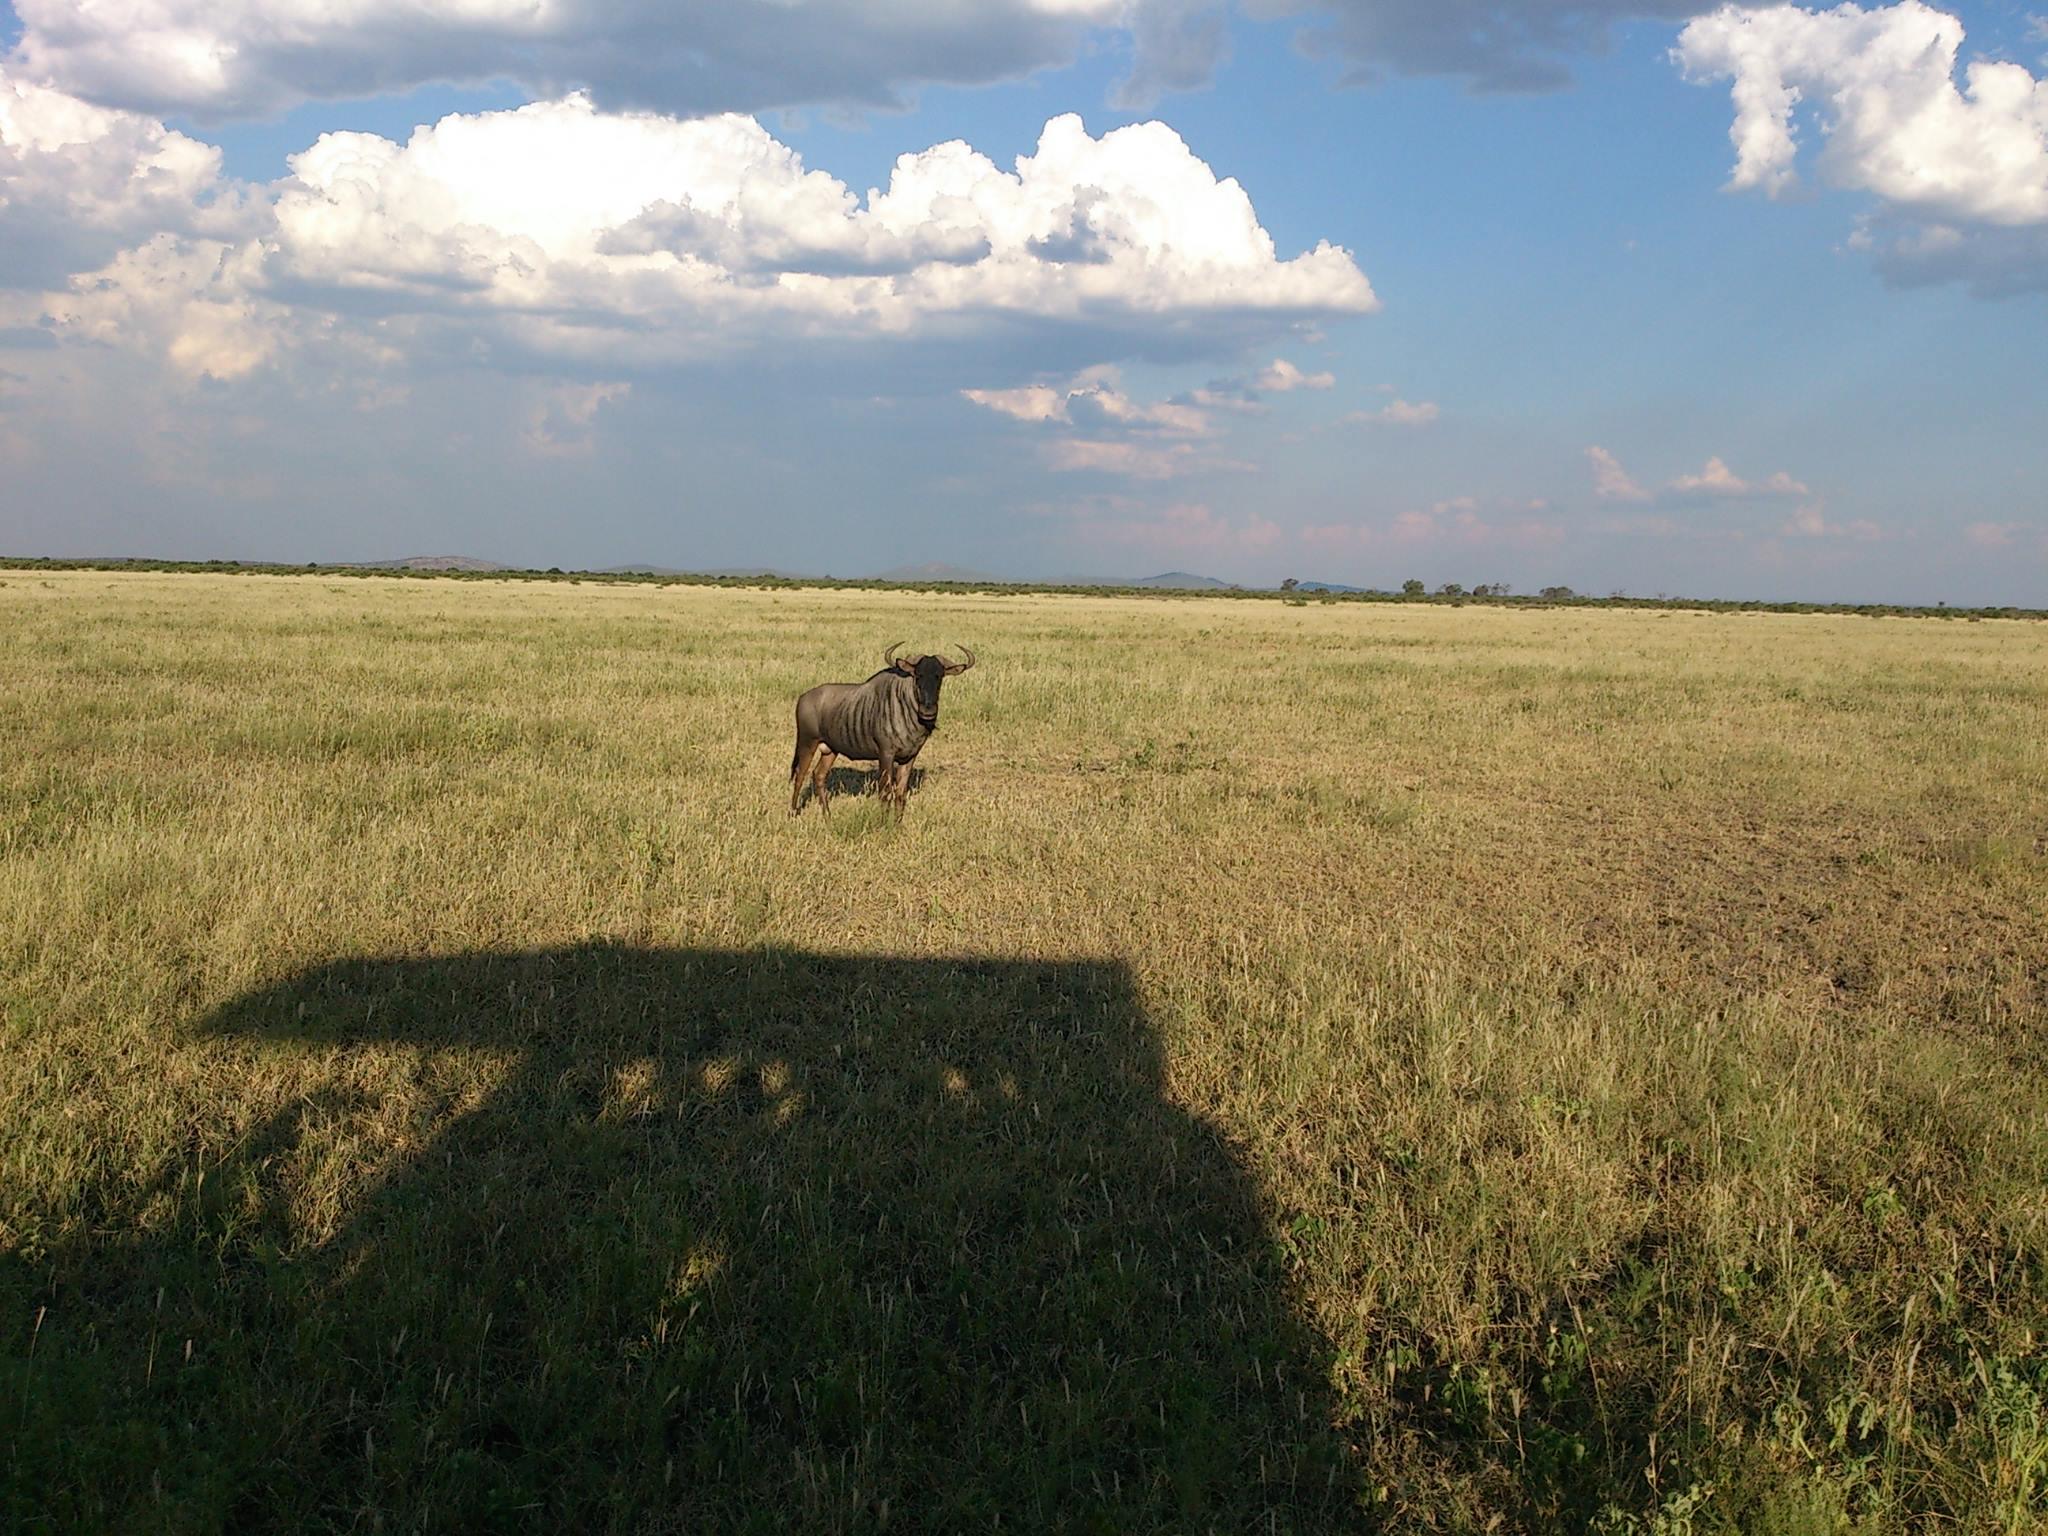 スターオブアフリカは南アフリカのオレンジ川近郊の牧草で発見される